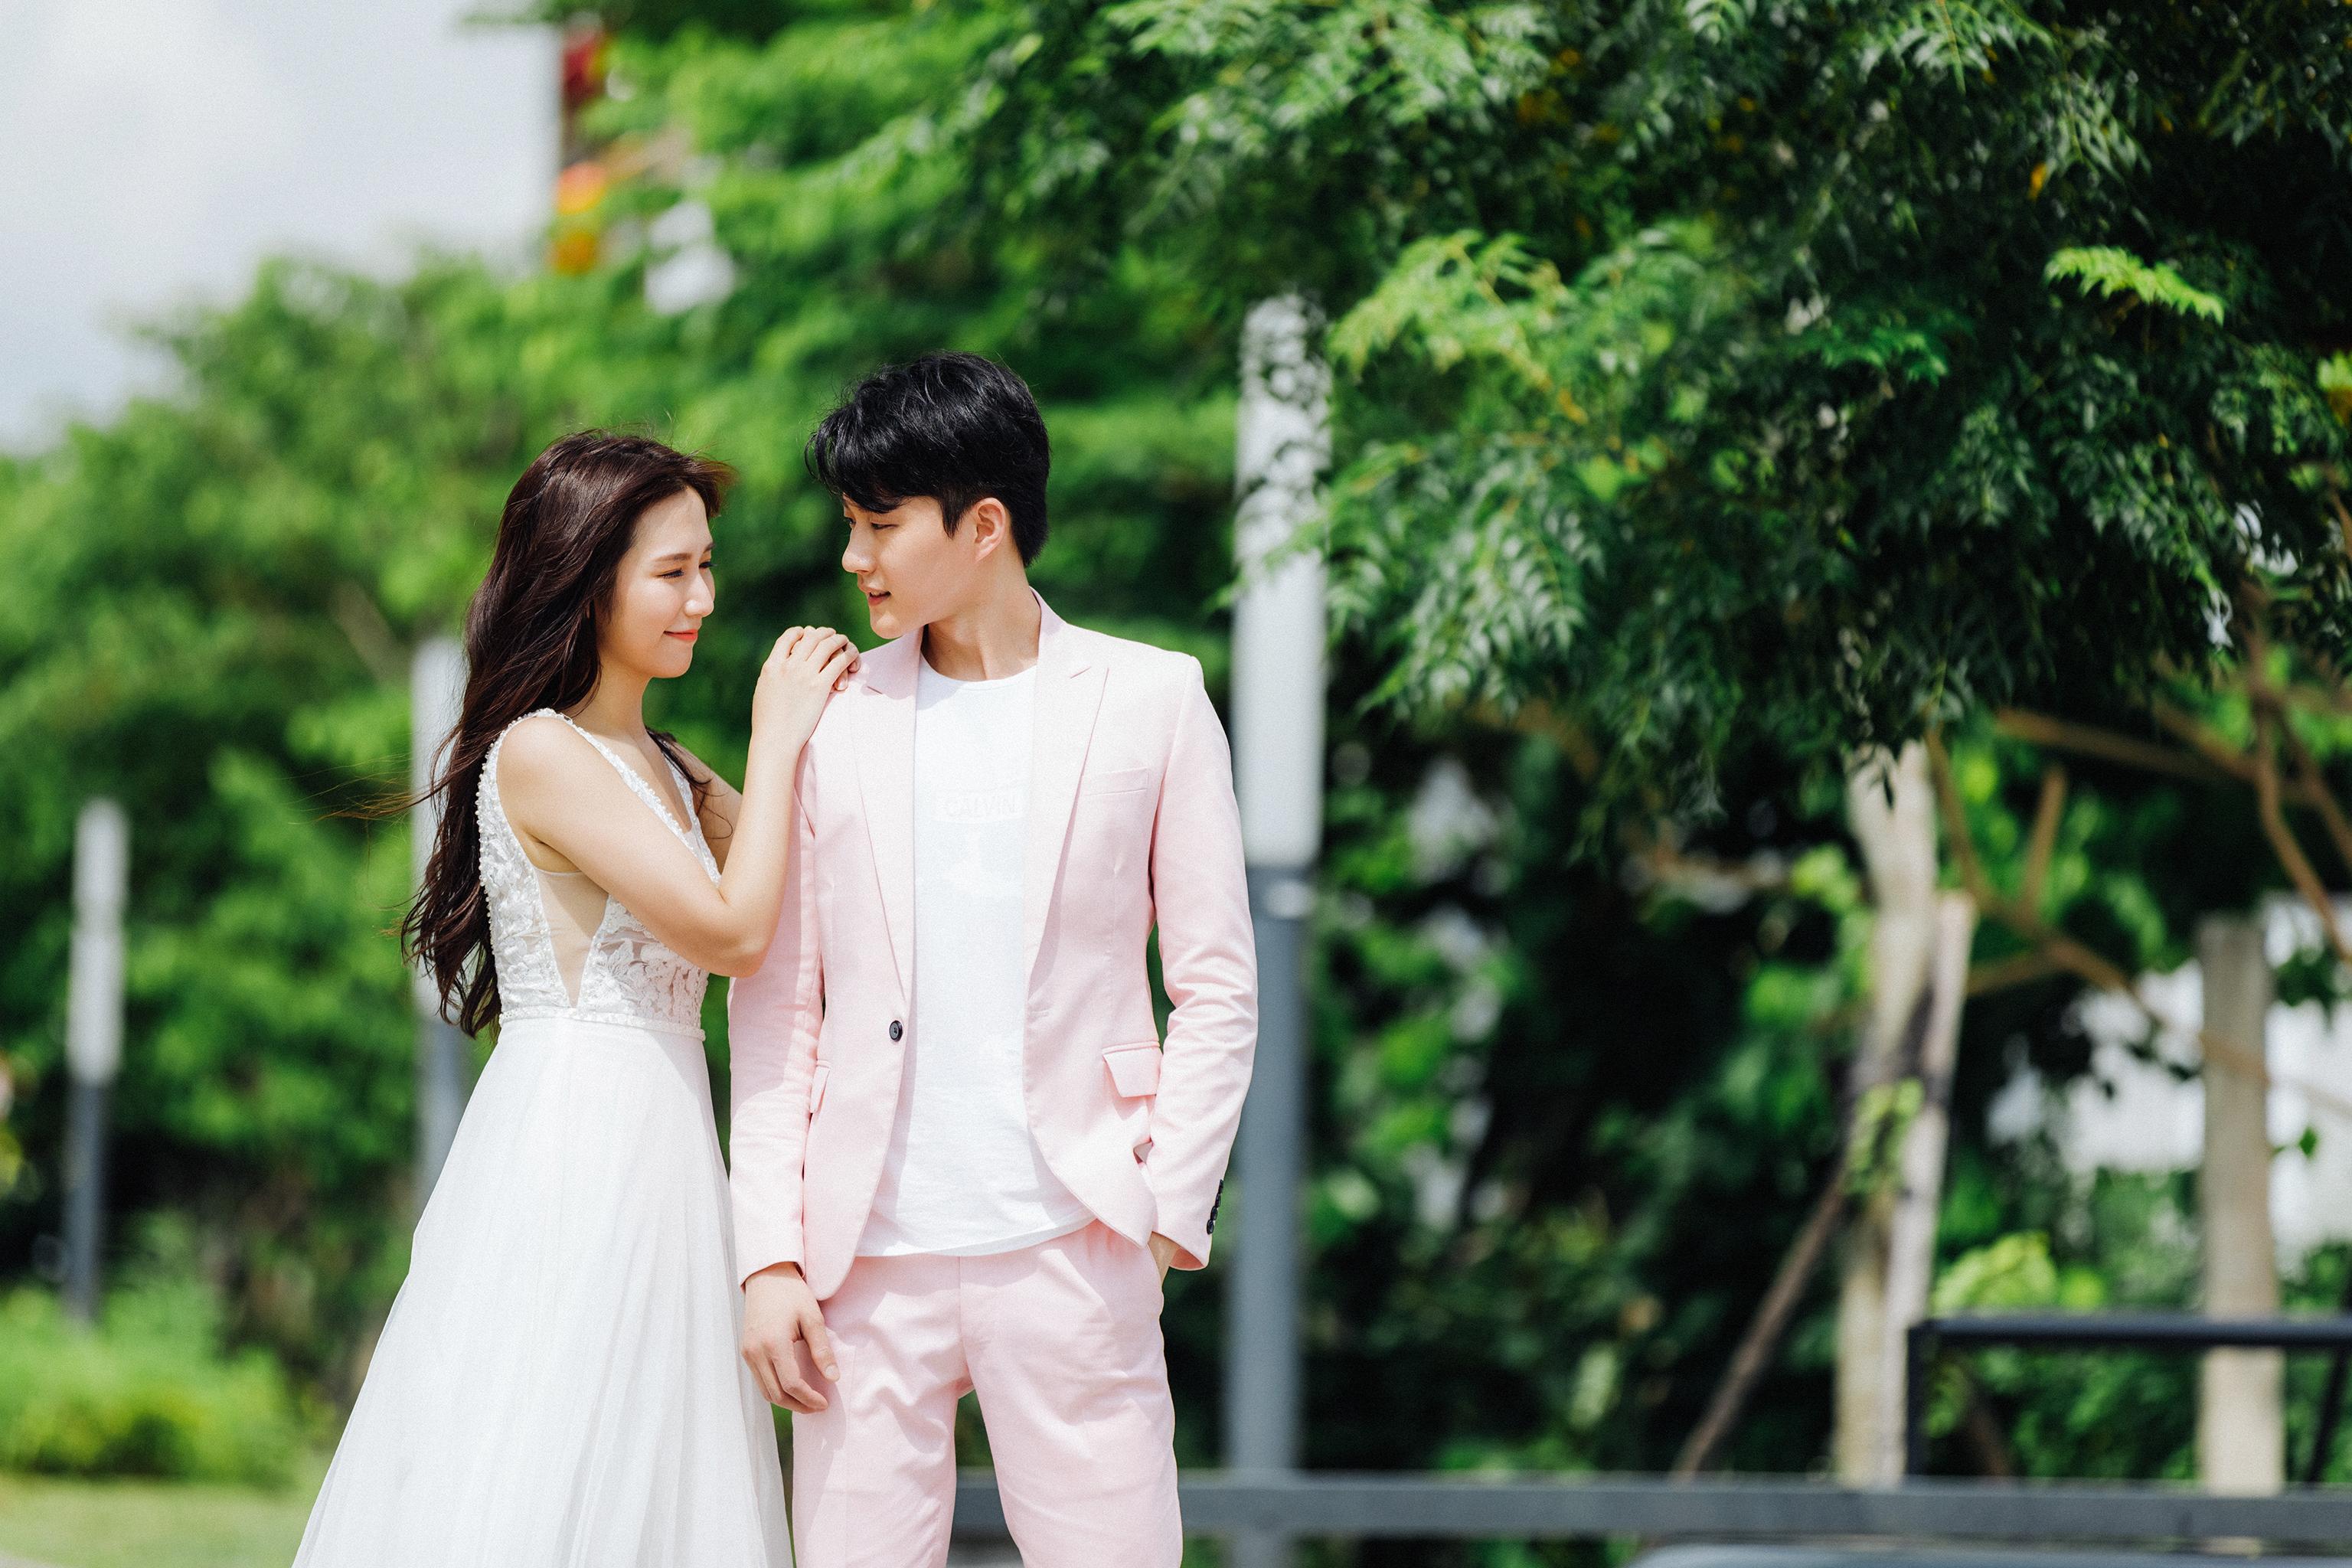 48592335397 b98c4981ca o - 【自主婚紗】+Ying&Wiwi+